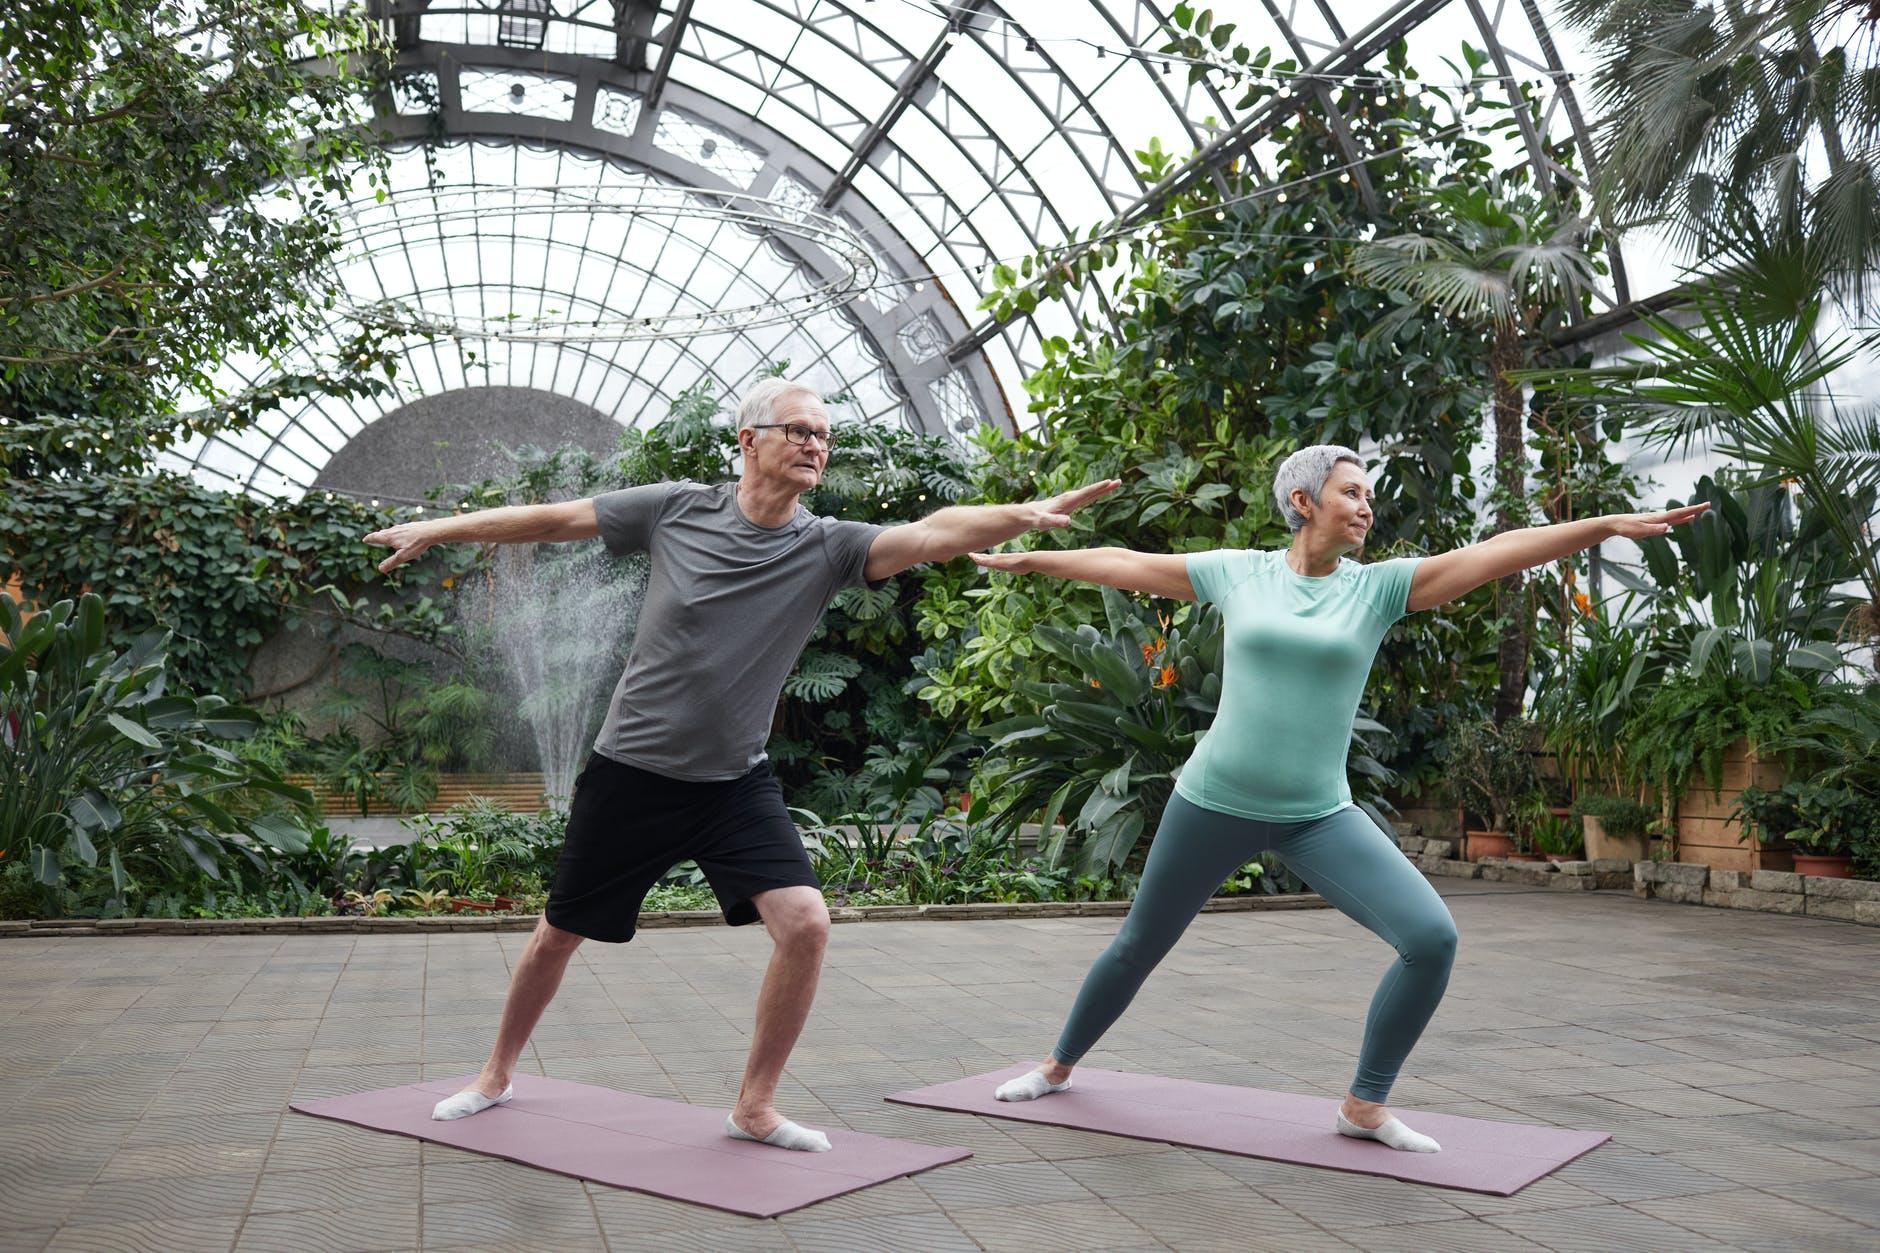 Viver mais e viver melhor: vamos dar mais vida aos futuros anos de vida?